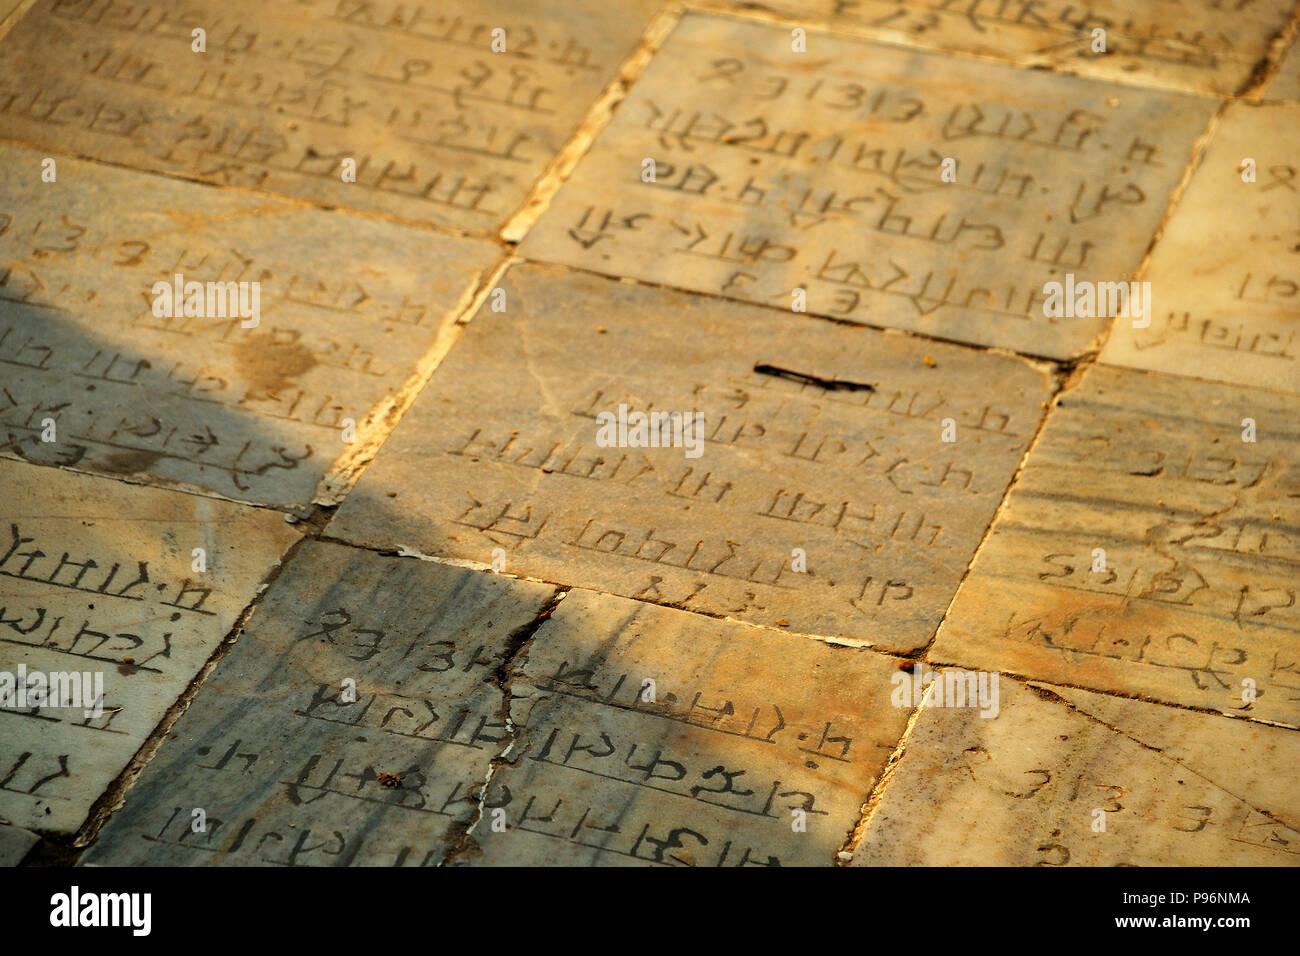 Il sanscrito Shloka scritto sulle piastrelle del fiume Yamuna ghat, Mathura, Uttar Pradesh, India Immagini Stock